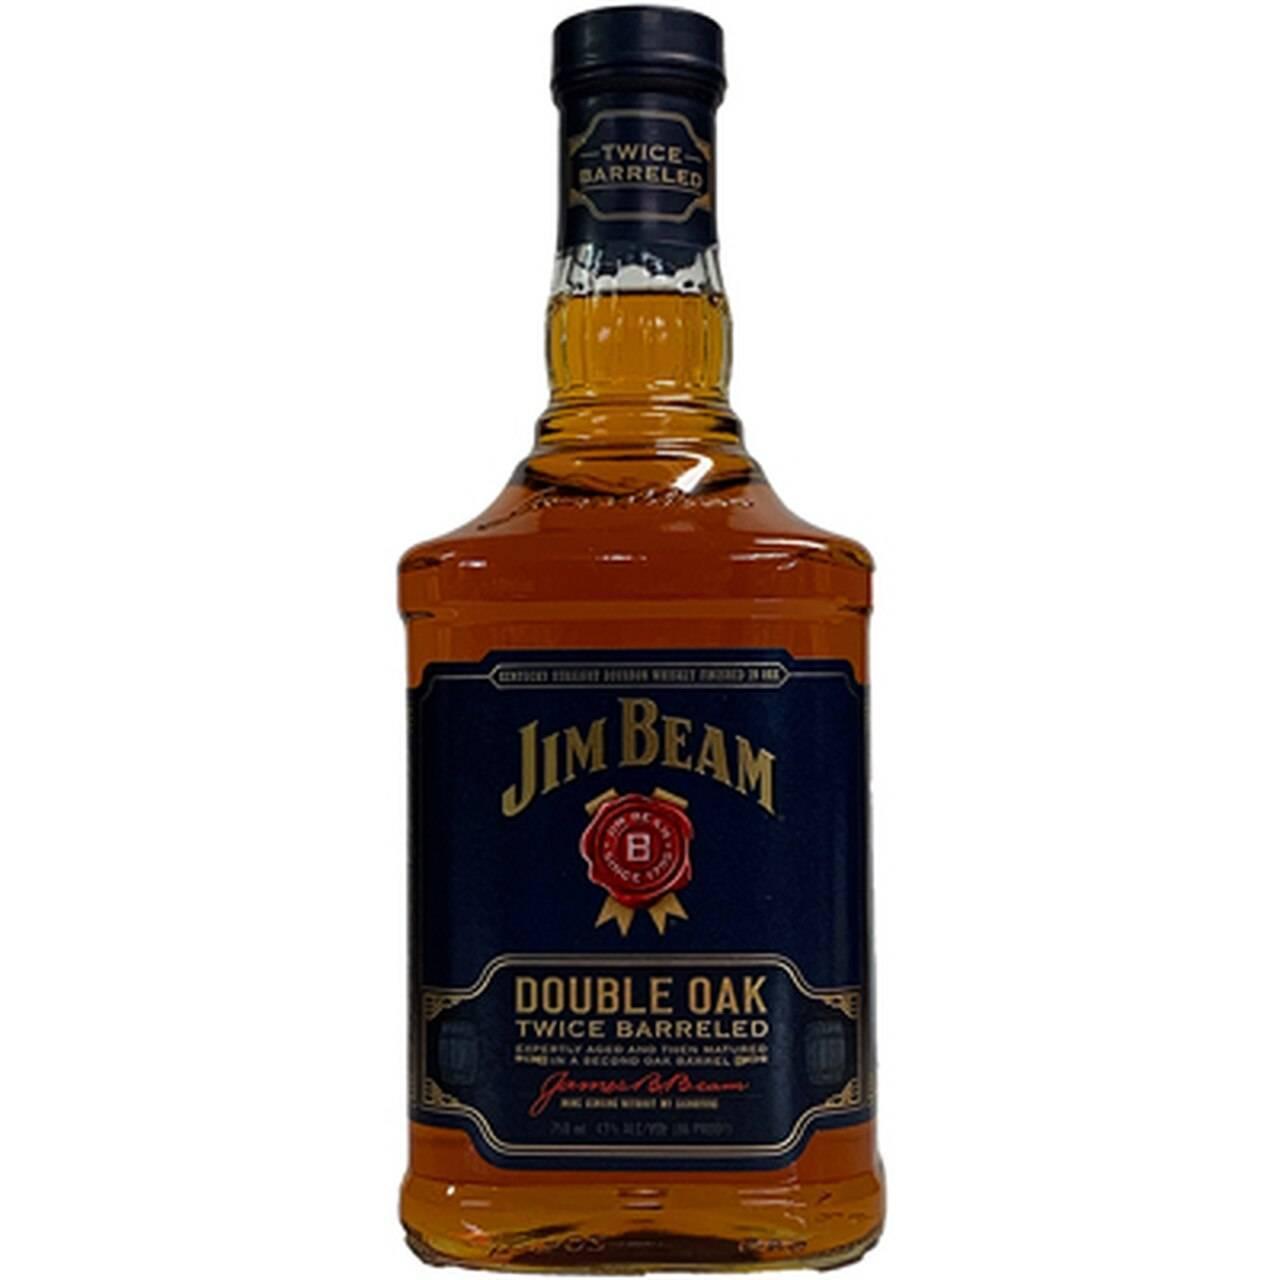 Бурбон jim beam история, обзор вкуса и видов как пить и отличить подделку